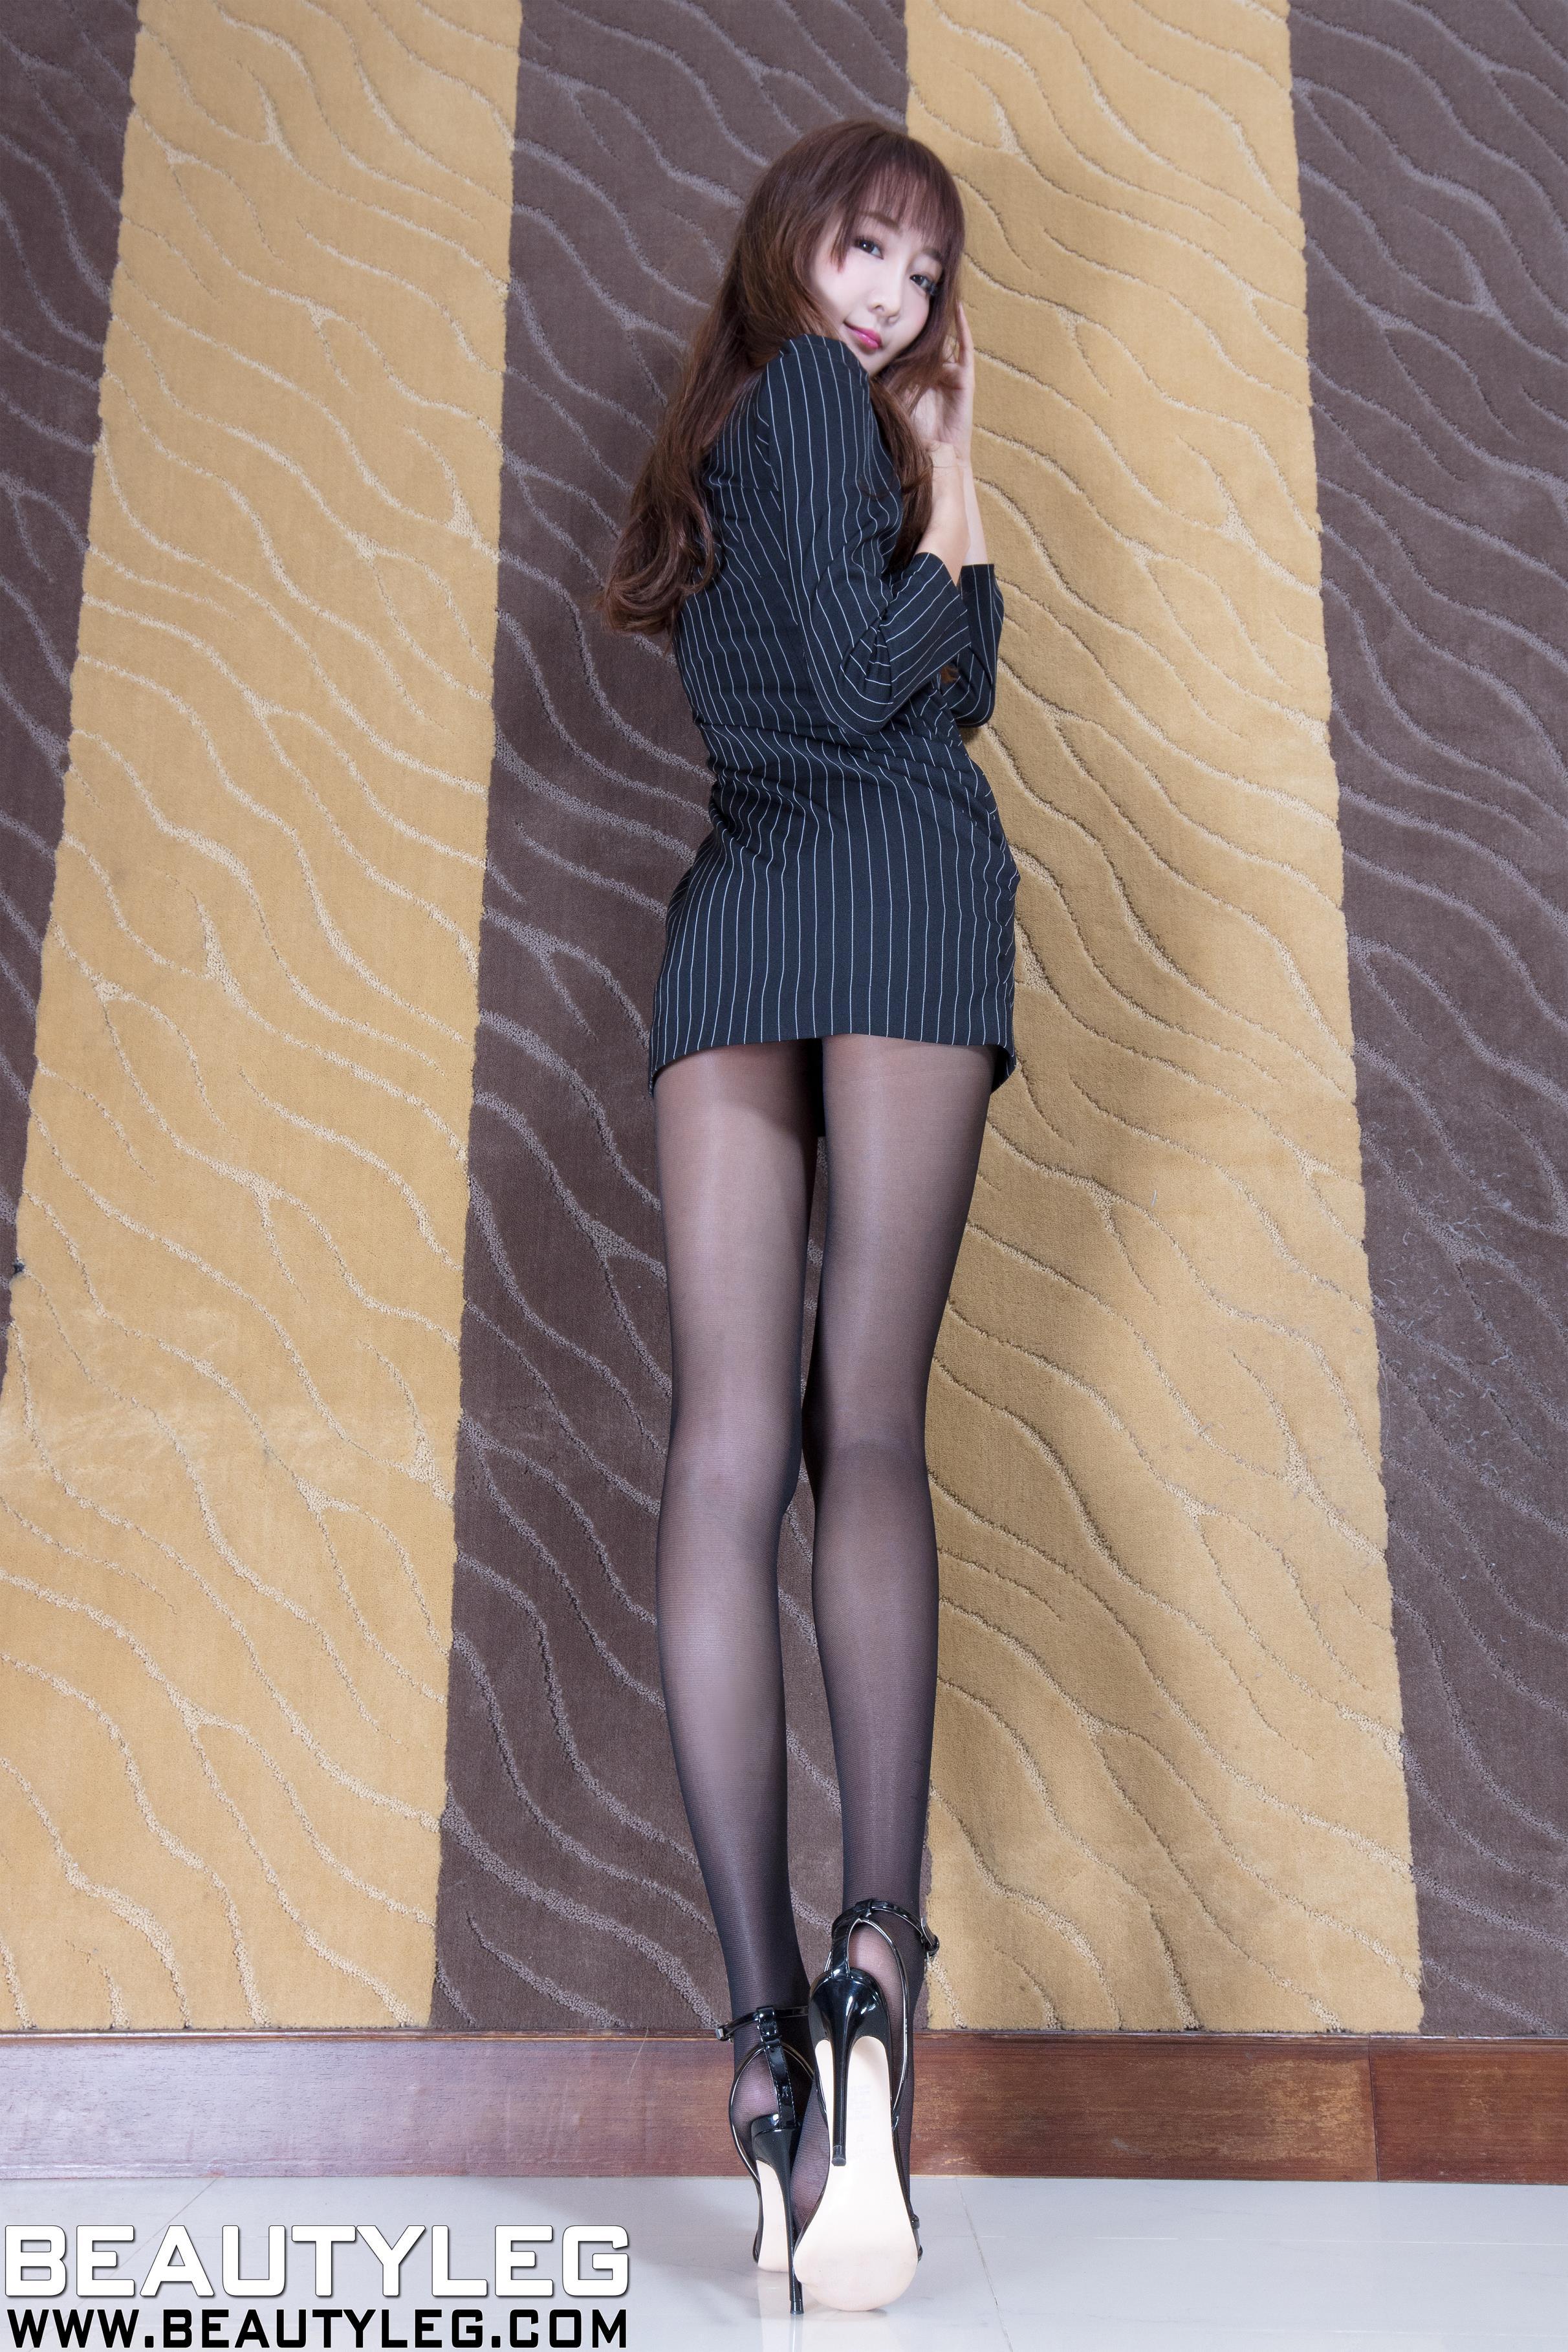 [beautyleg美腿写真]No.1614 Iris 黑色风衣加黑色丝袜美腿性感私房写真集